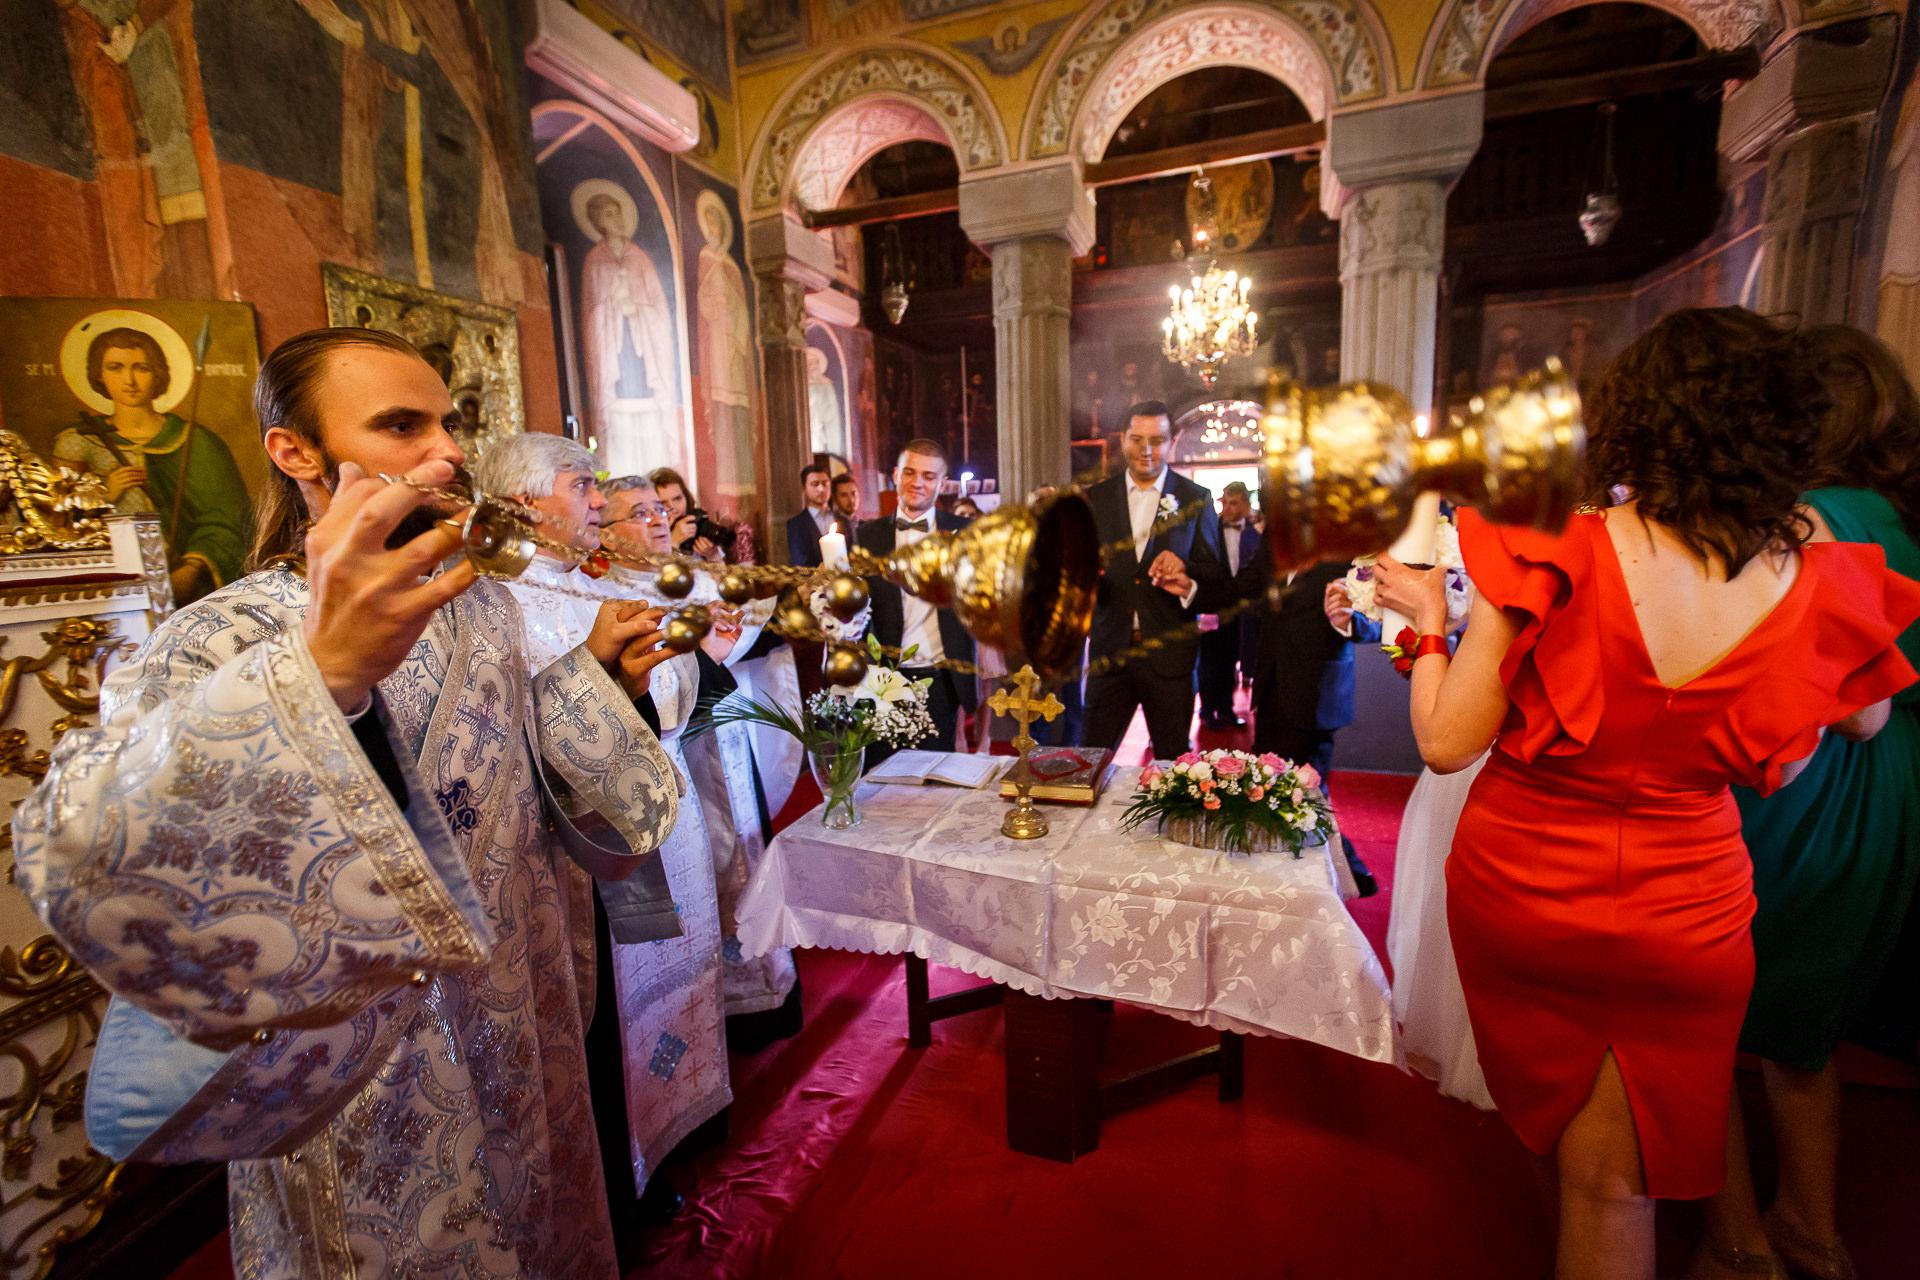 nuntă Salon Elisabeta - Elena şi Costin - Mihai Zaharia Photography - 040